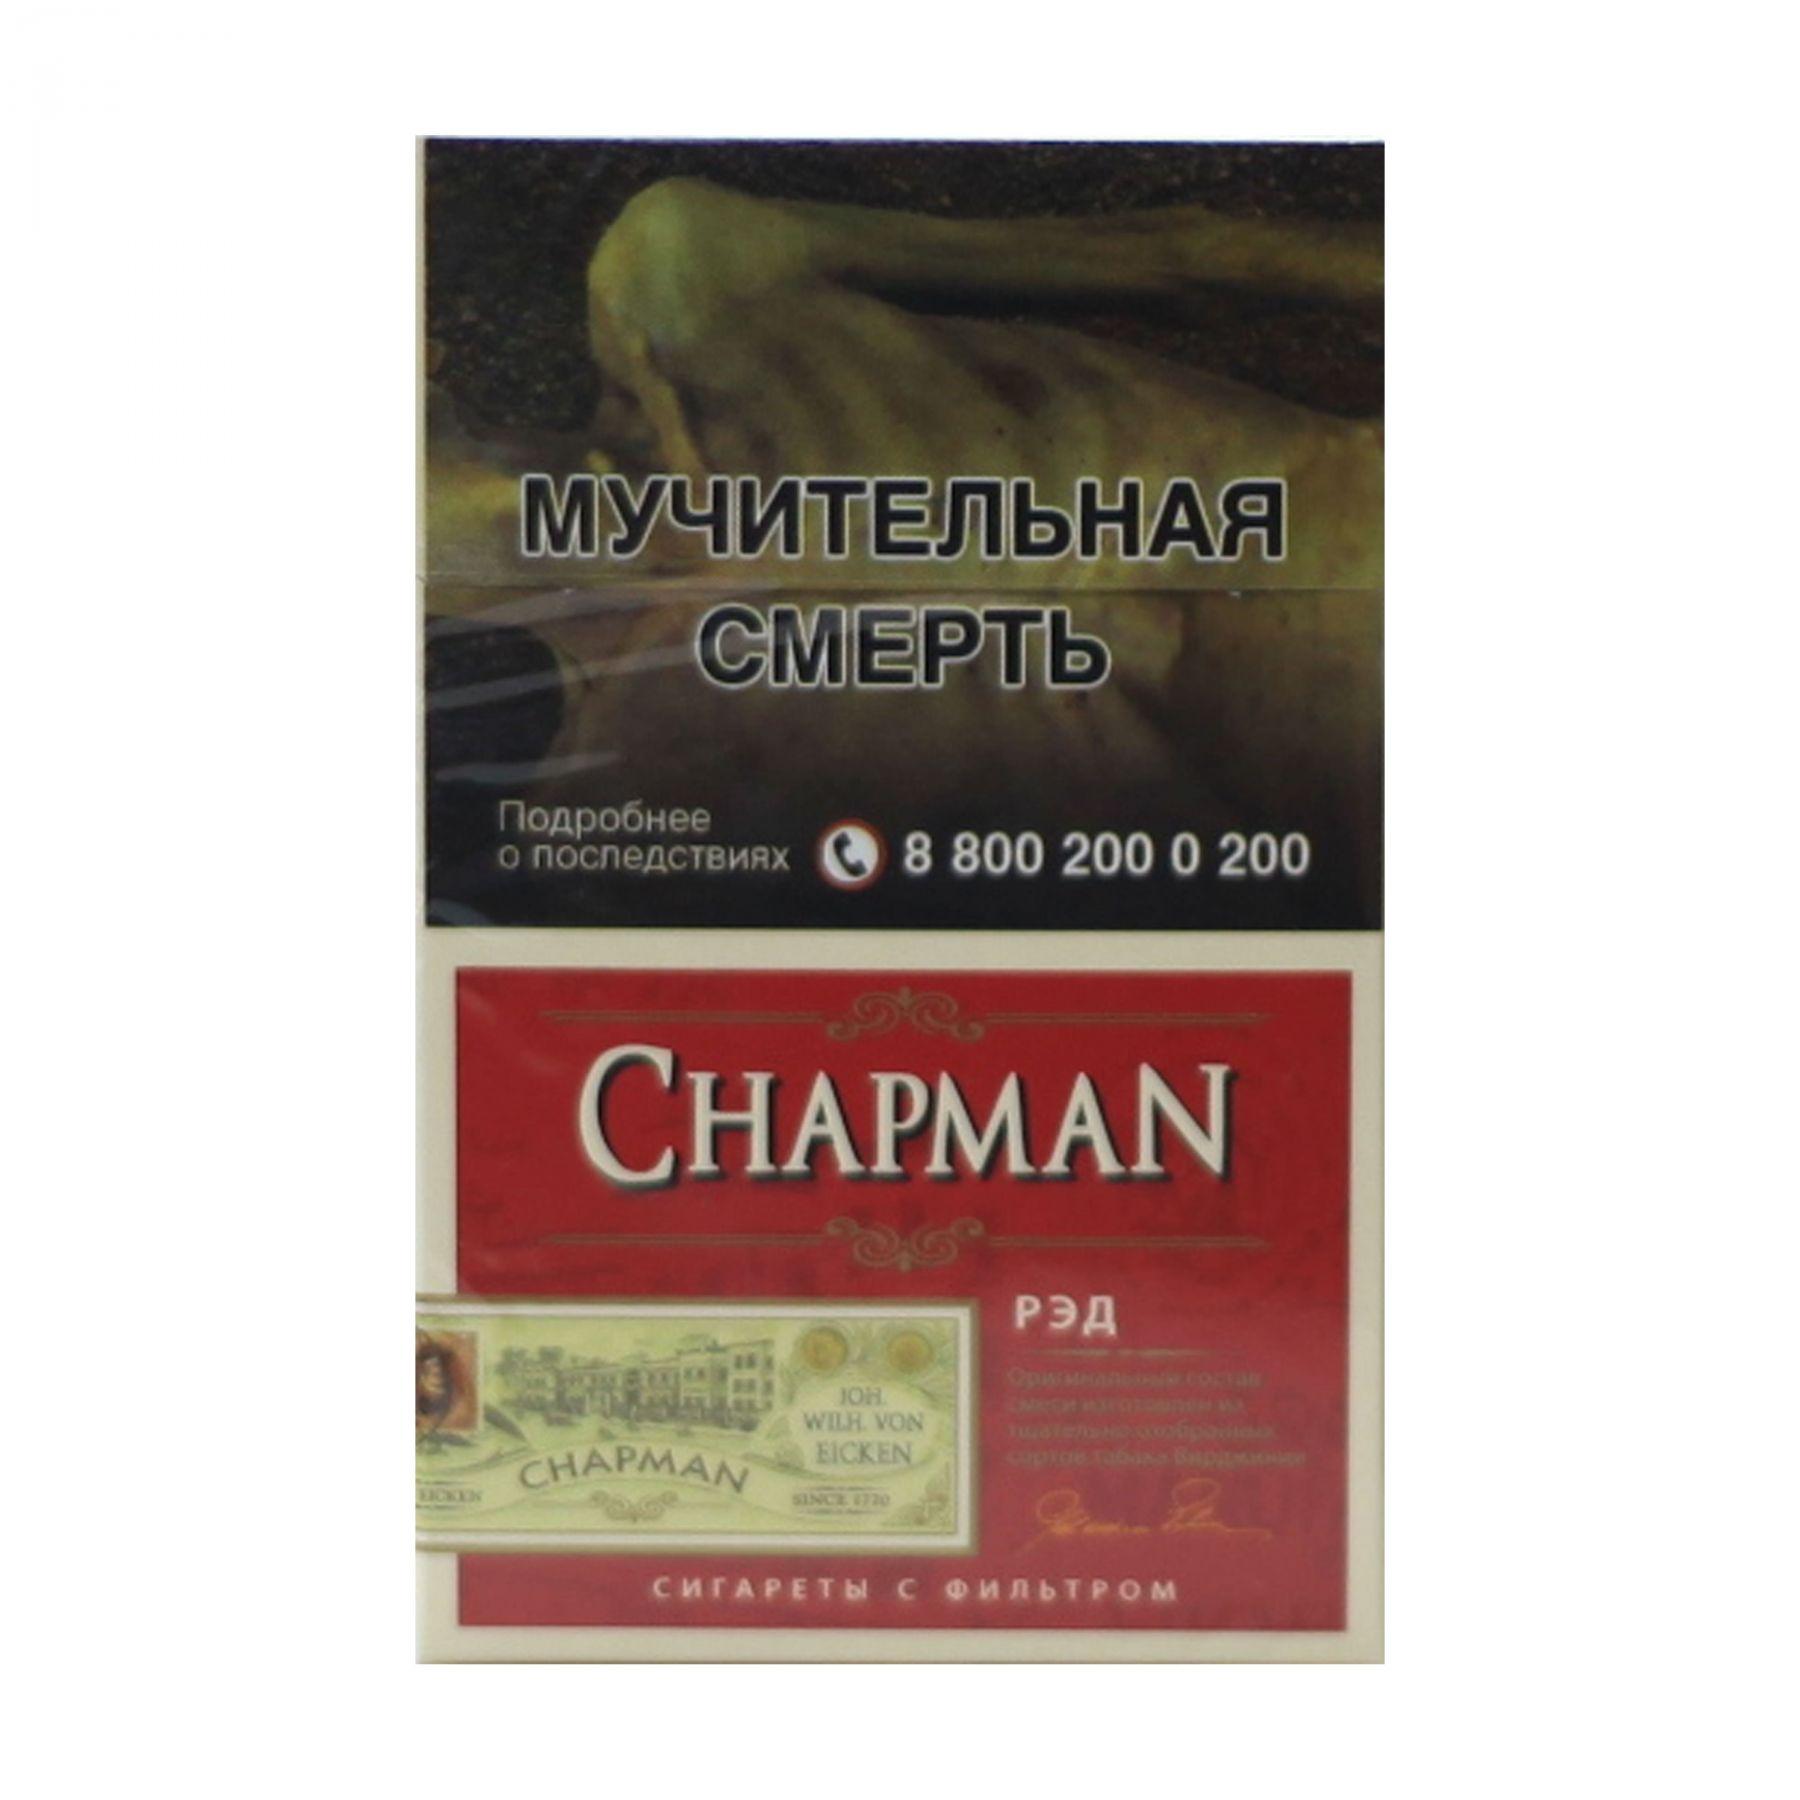 Купить в спб сигареты chapman red сигареты лаки страйк купить в воронеже